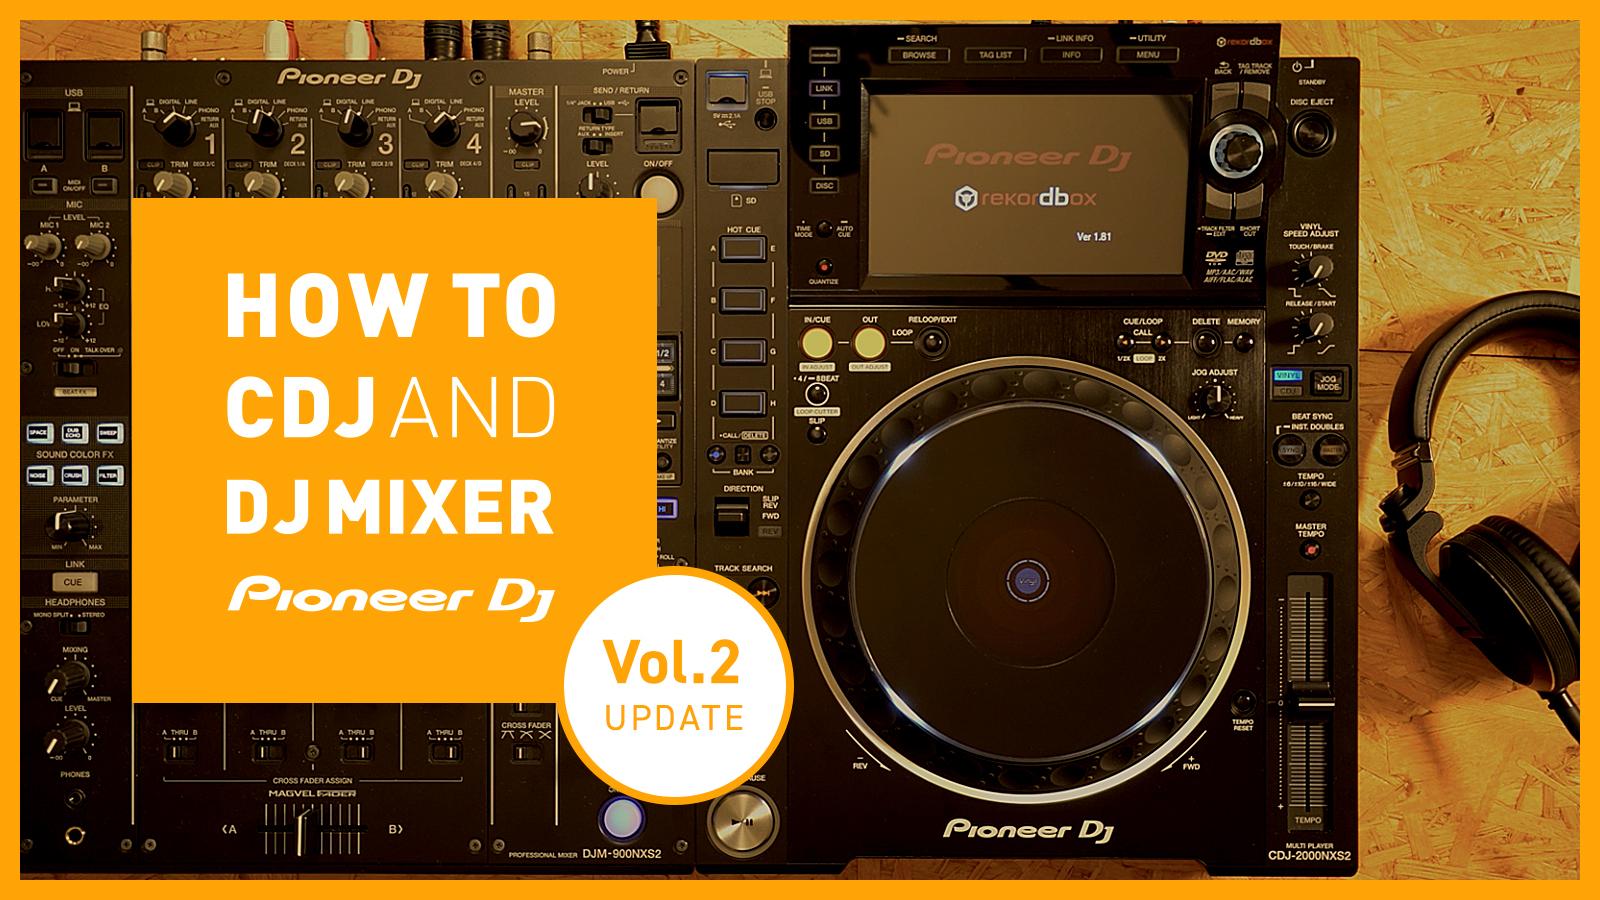 HOW TO CDJ AND DJ MIXER